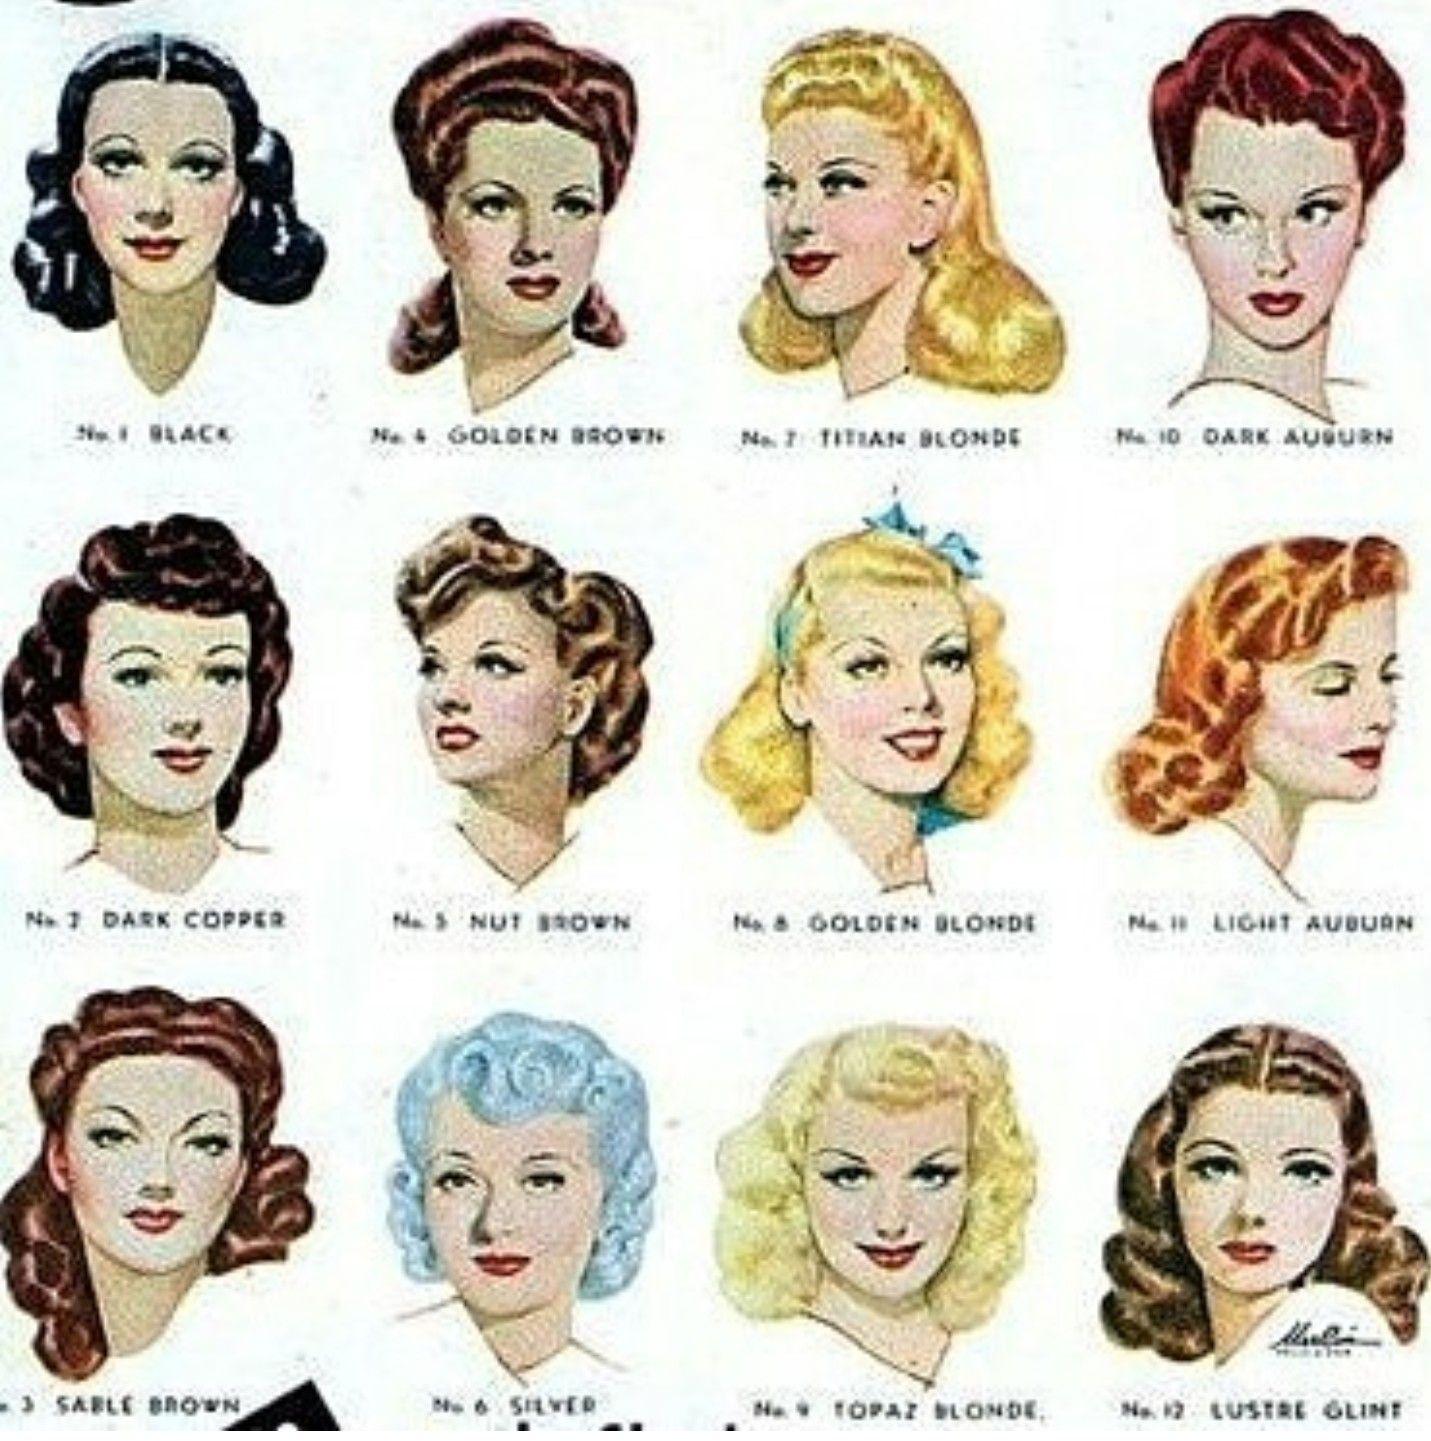 Pin by Doris on Vintage   Vintage hairstyles tutorial, Vintage ...